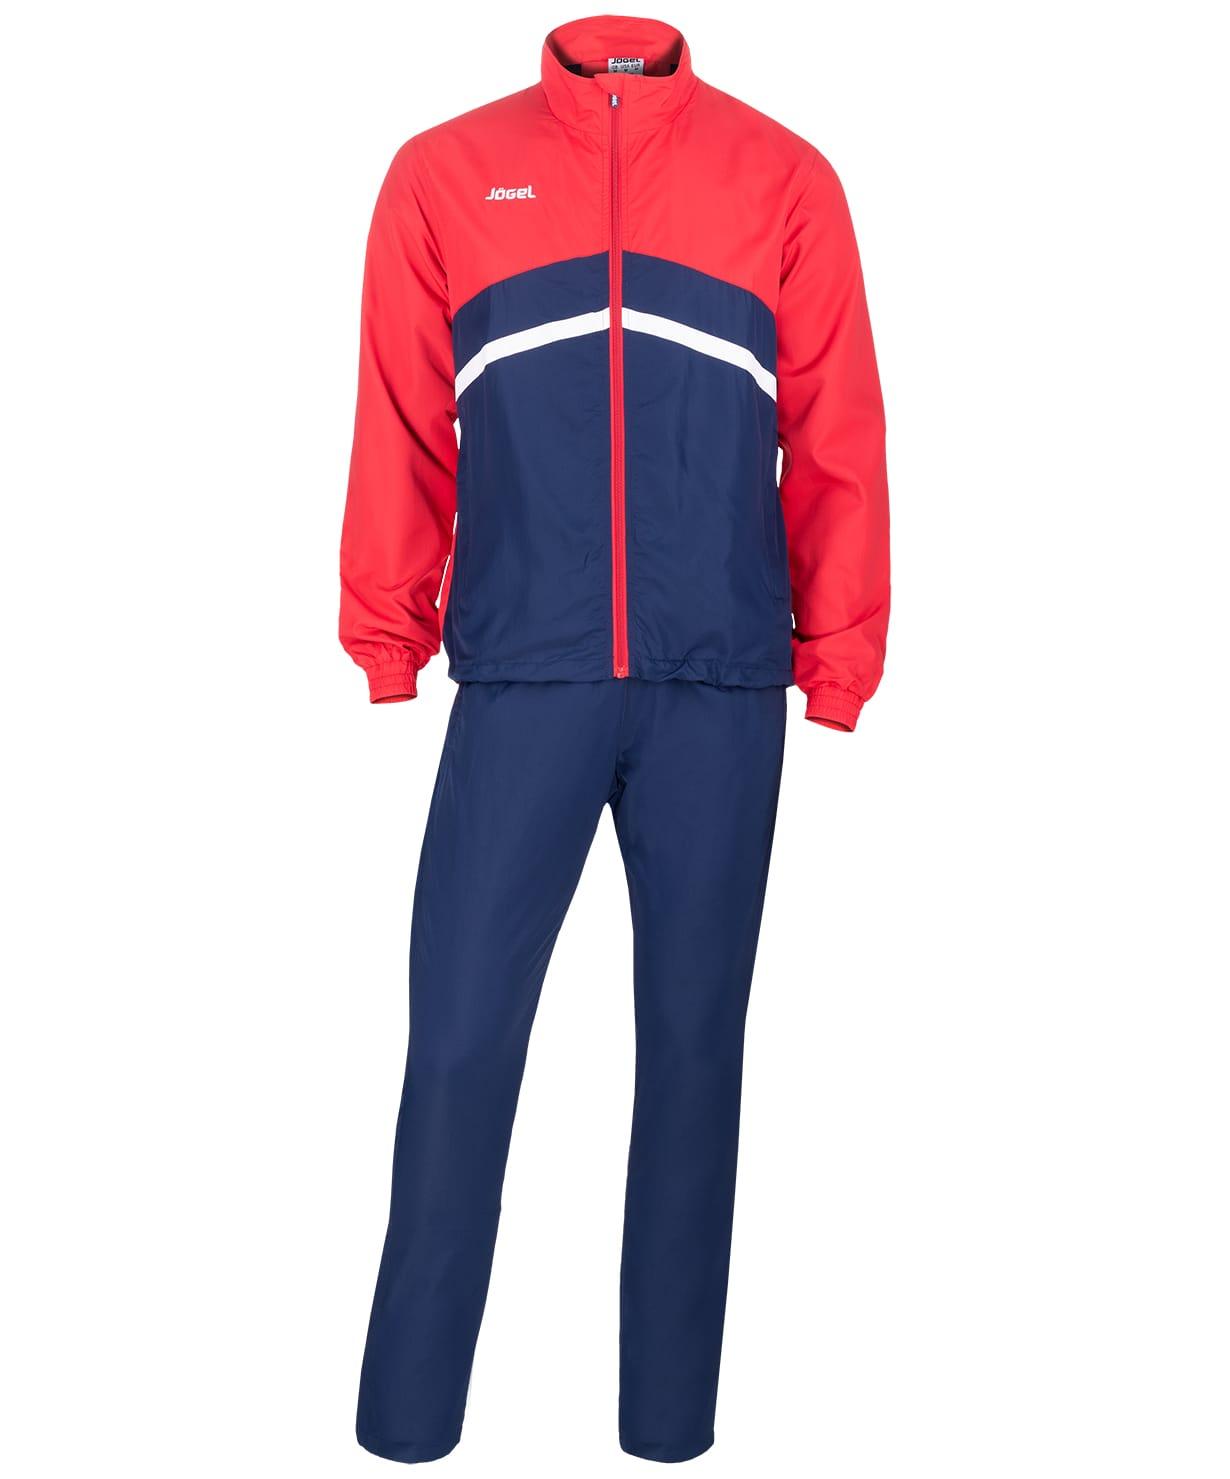 Спортивный костюм Jogel